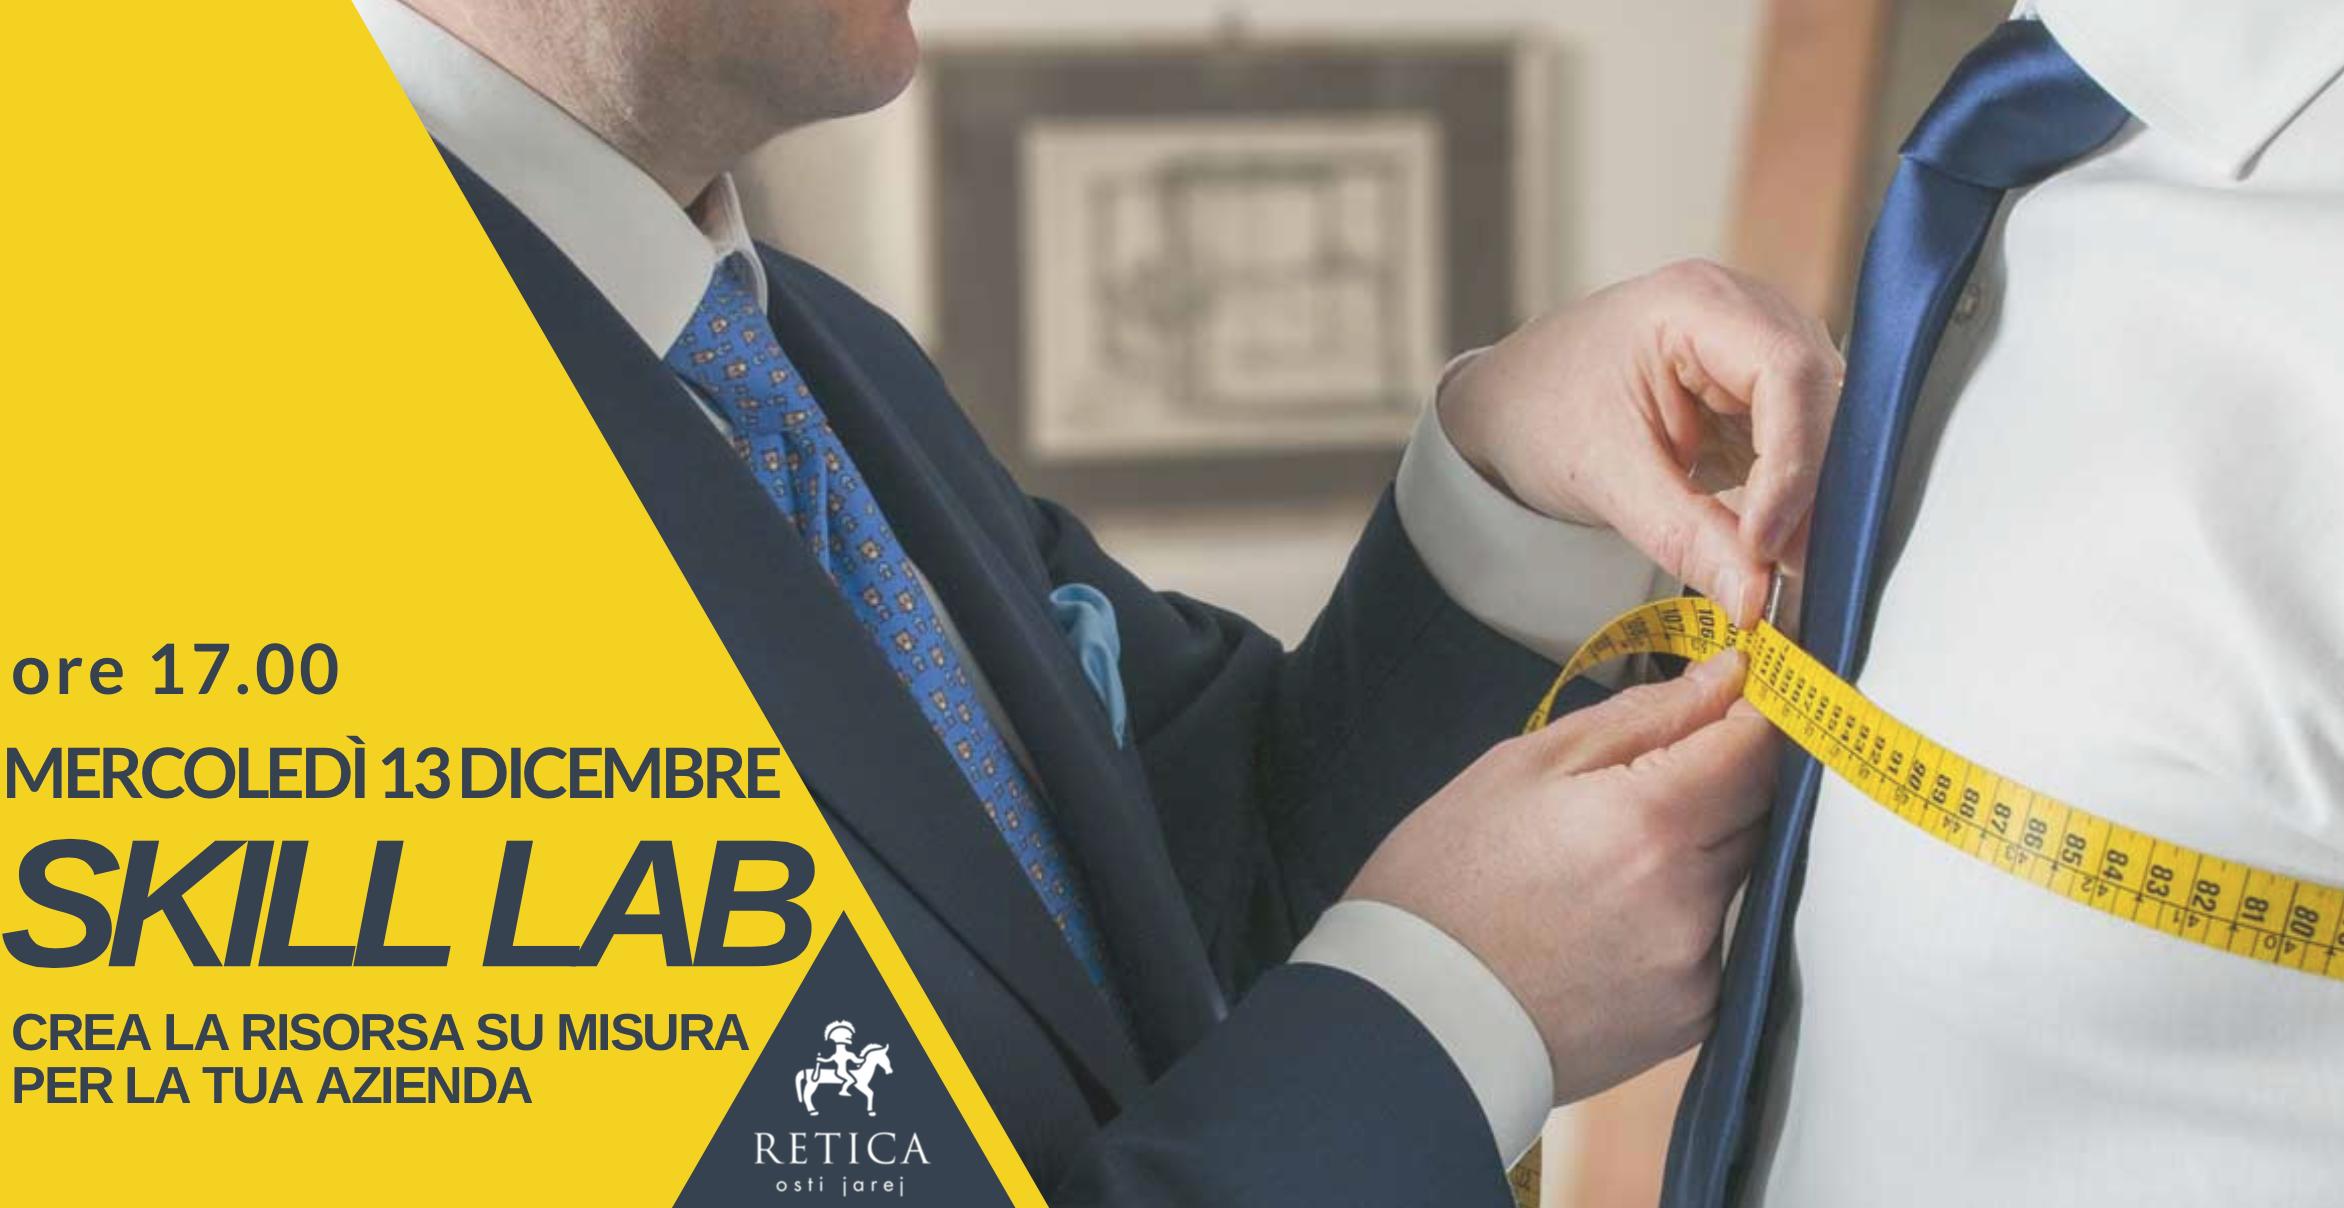 Skill Lab – La risorsa su misura per la tua azienda